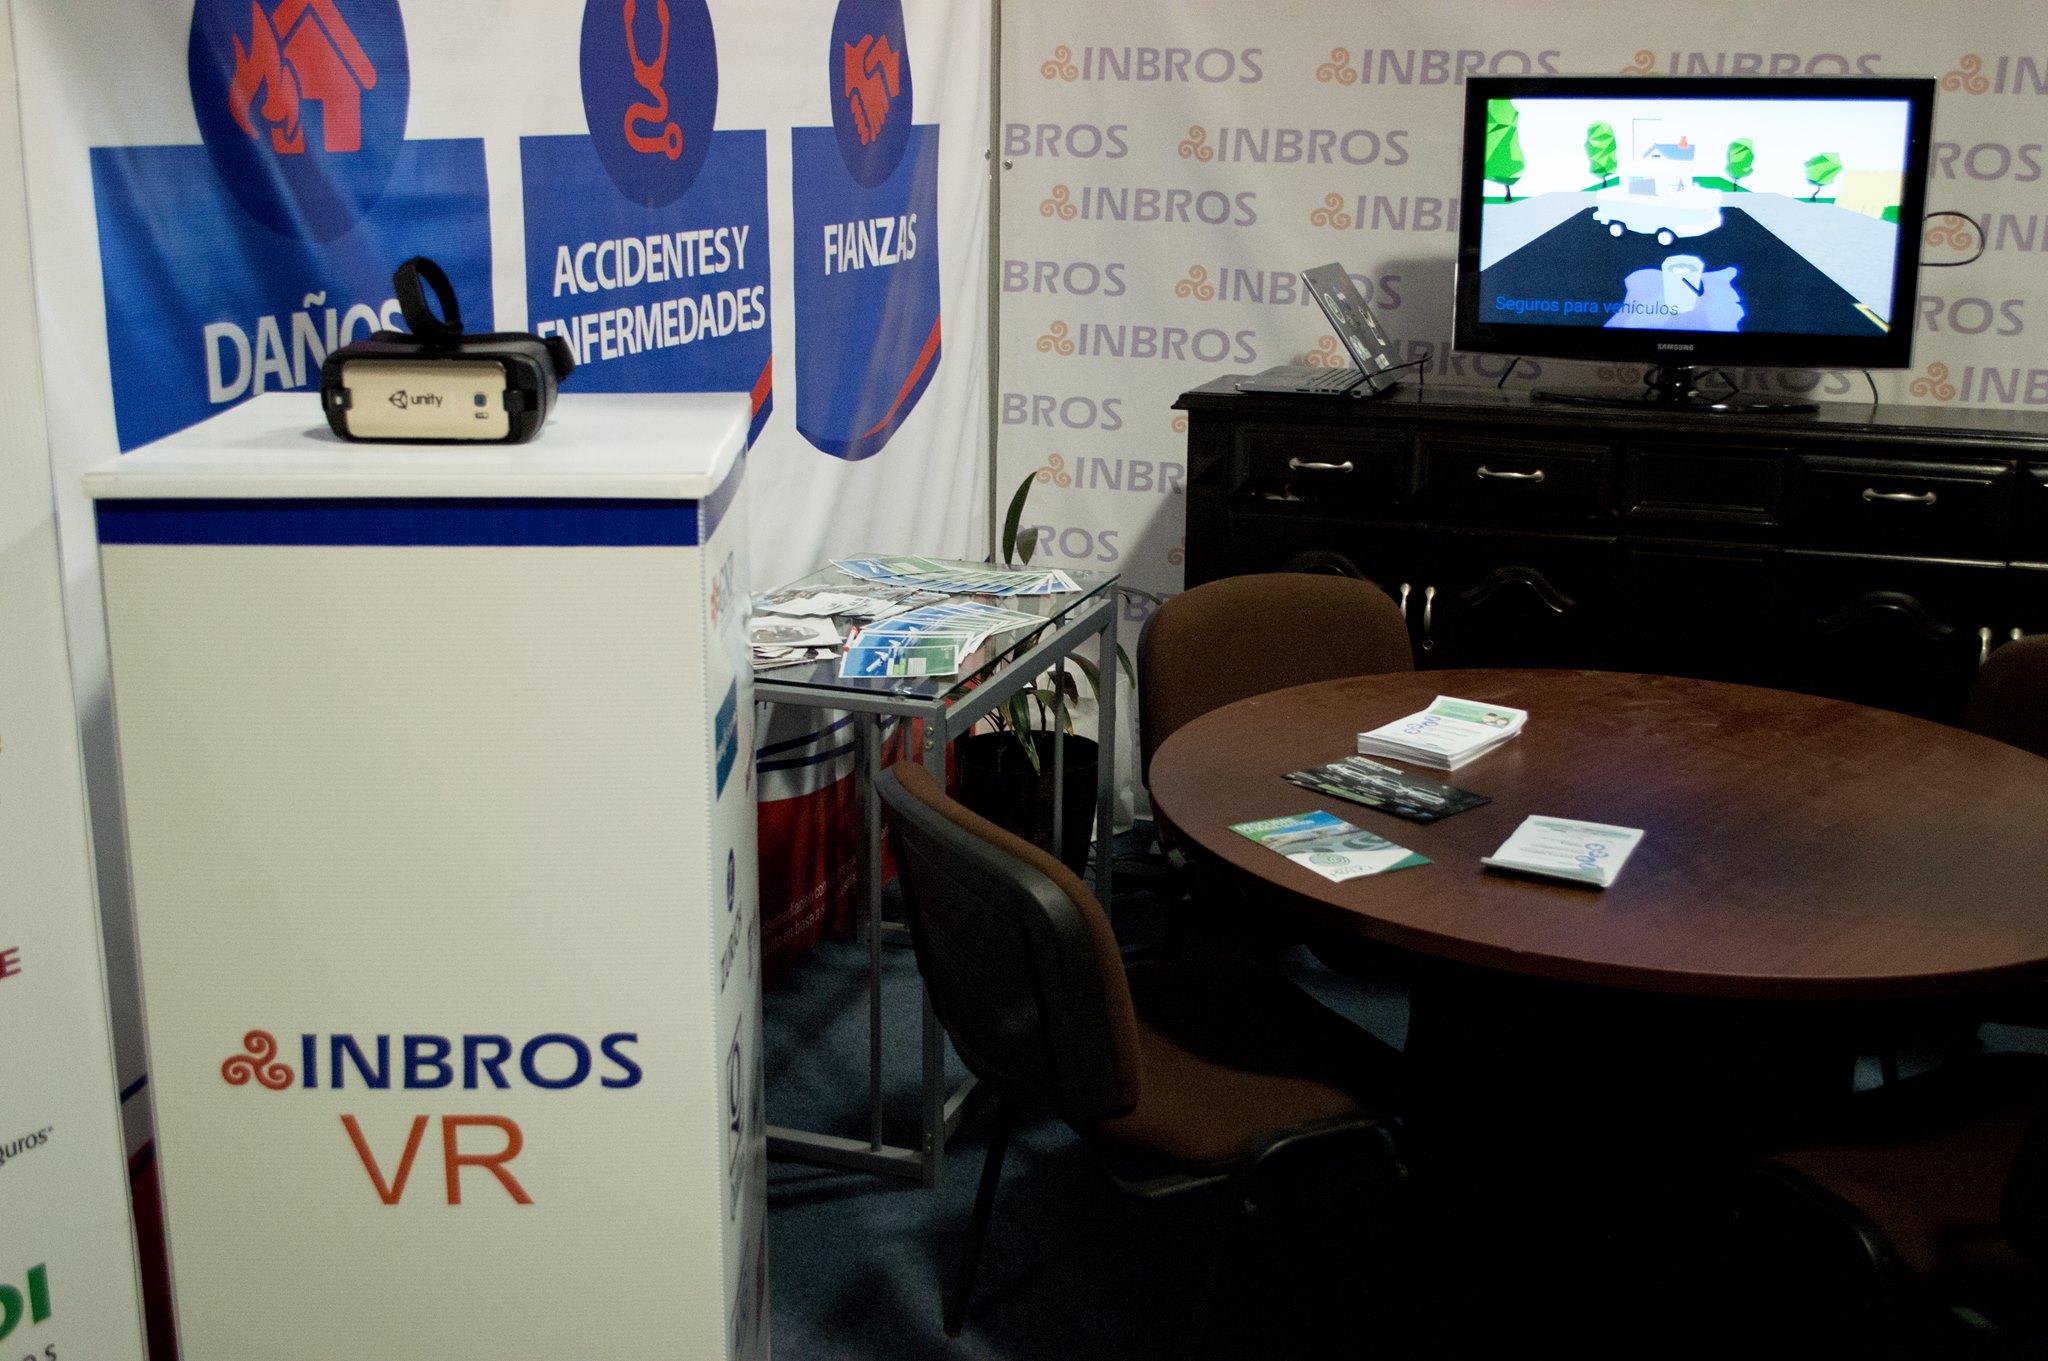 INBROS VR